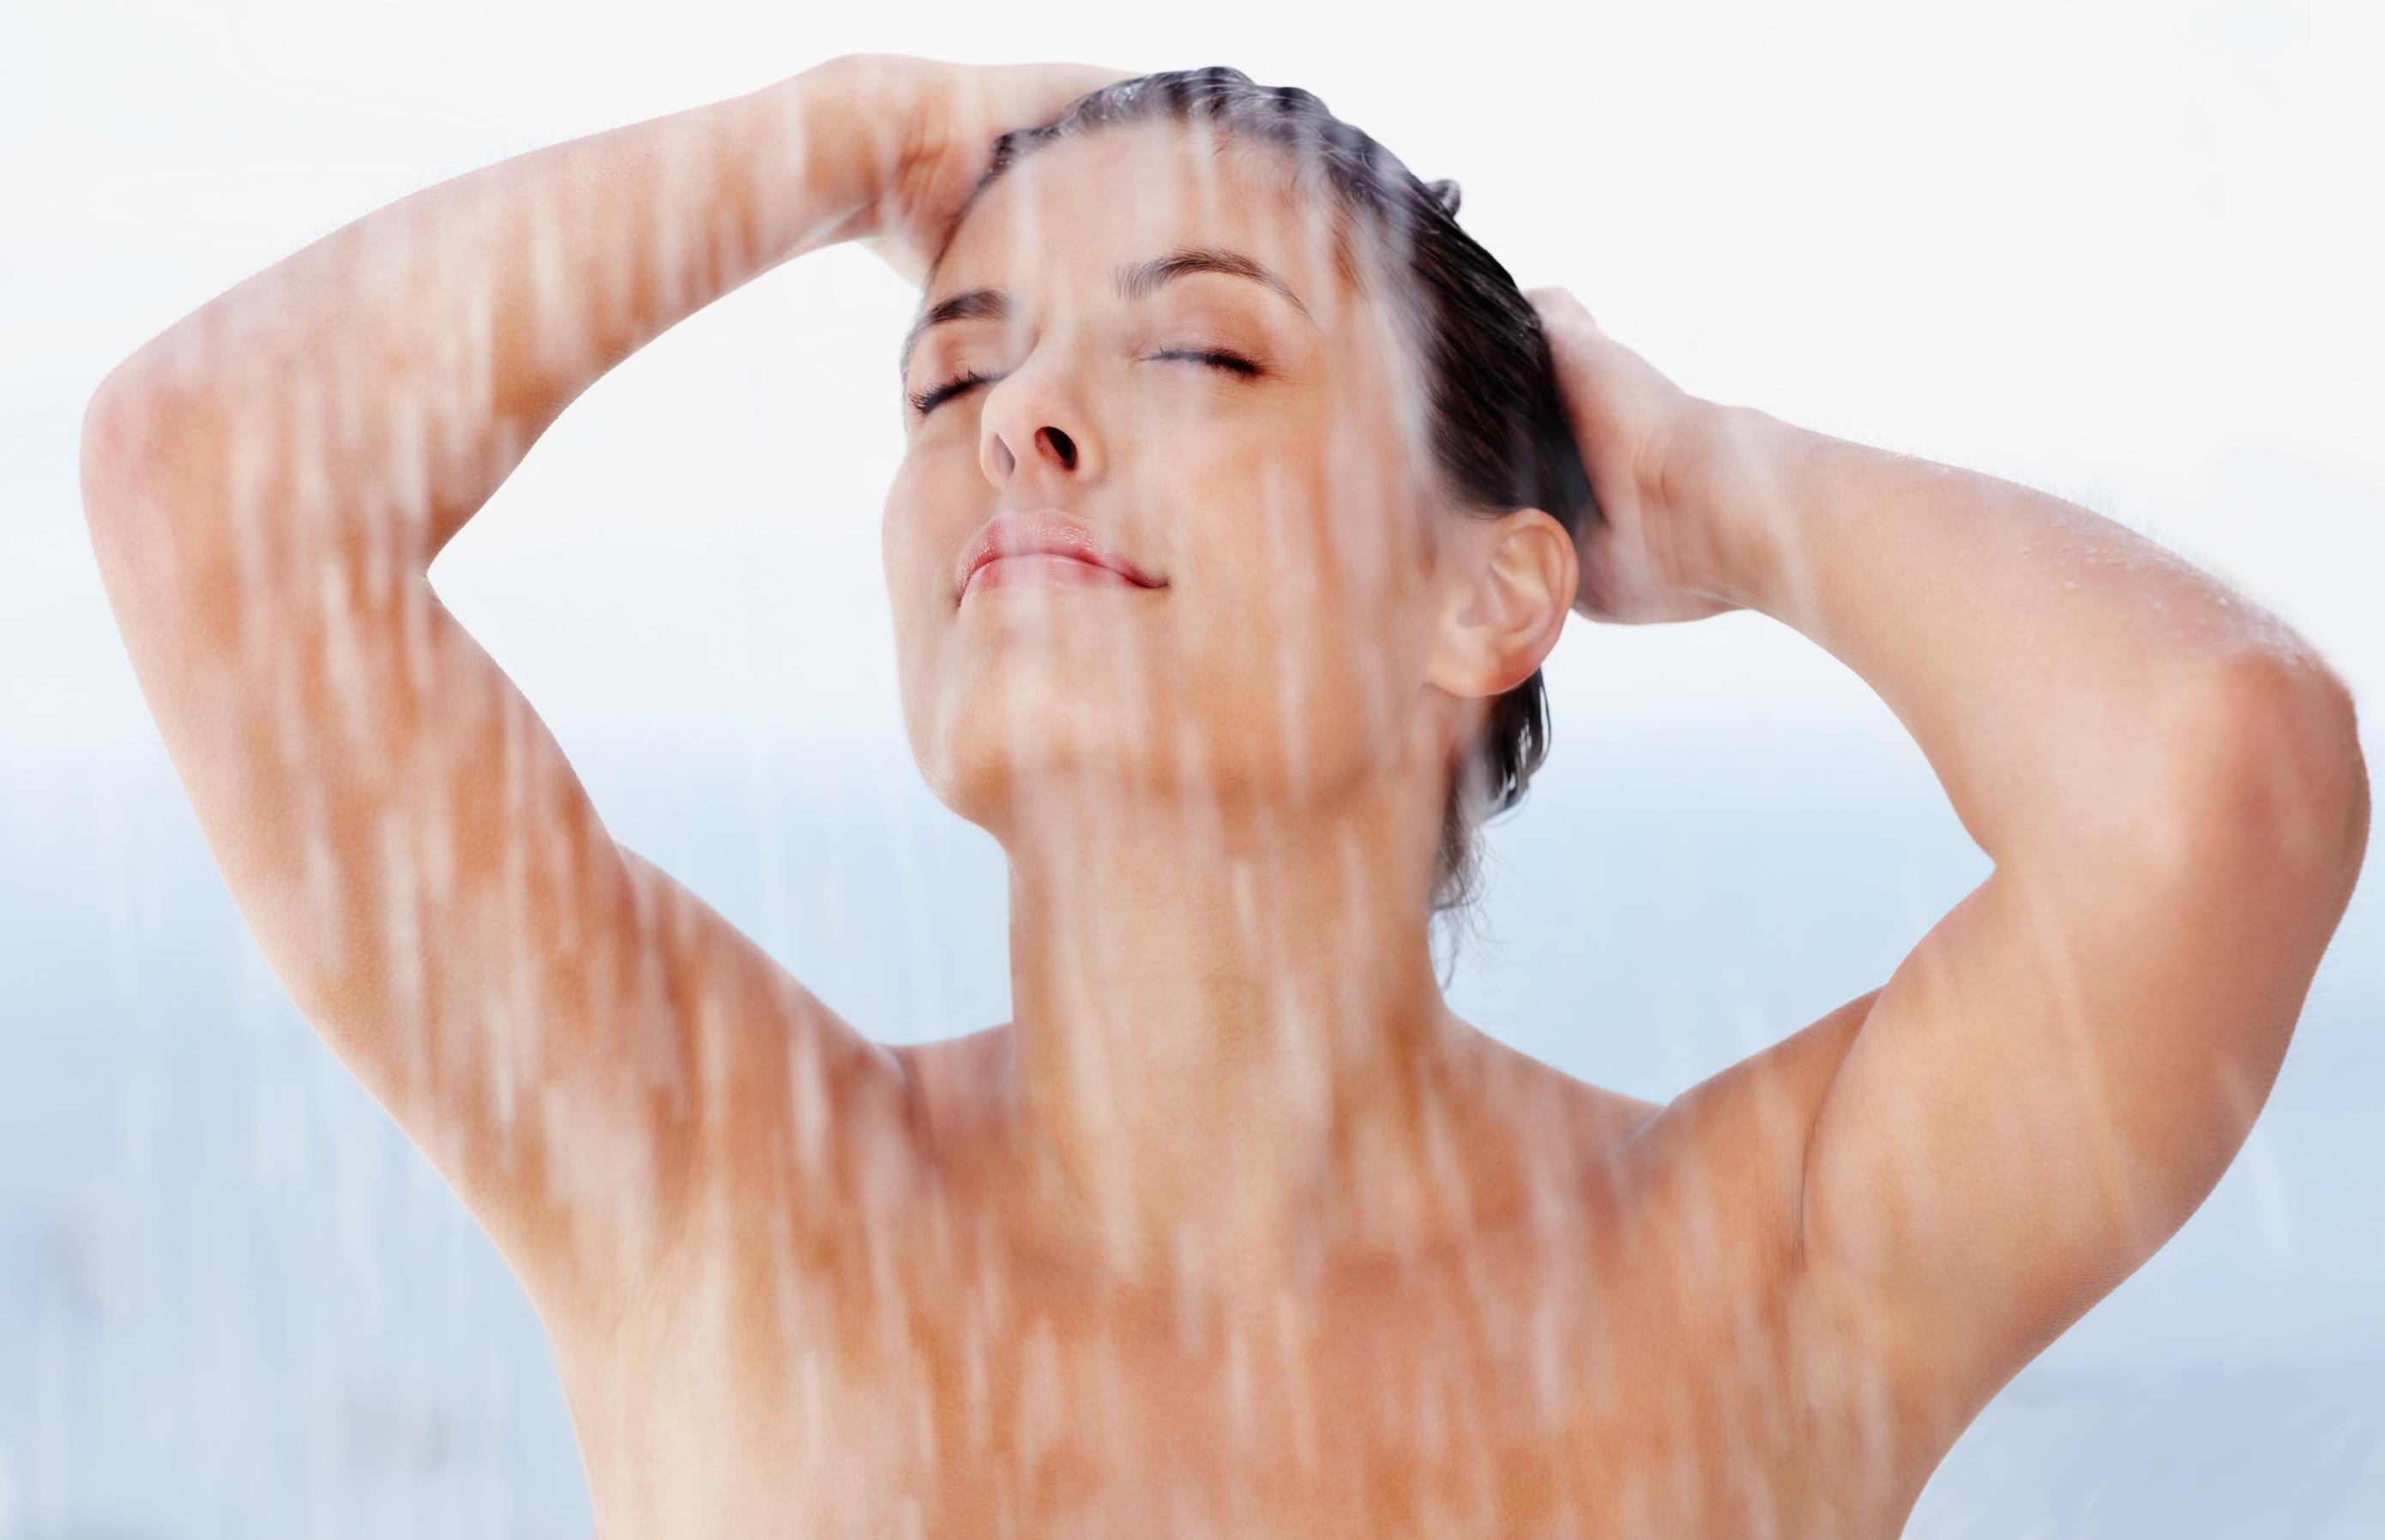 Piccoli esperimenti senza senso: donne sotto la doccia e pubblicità